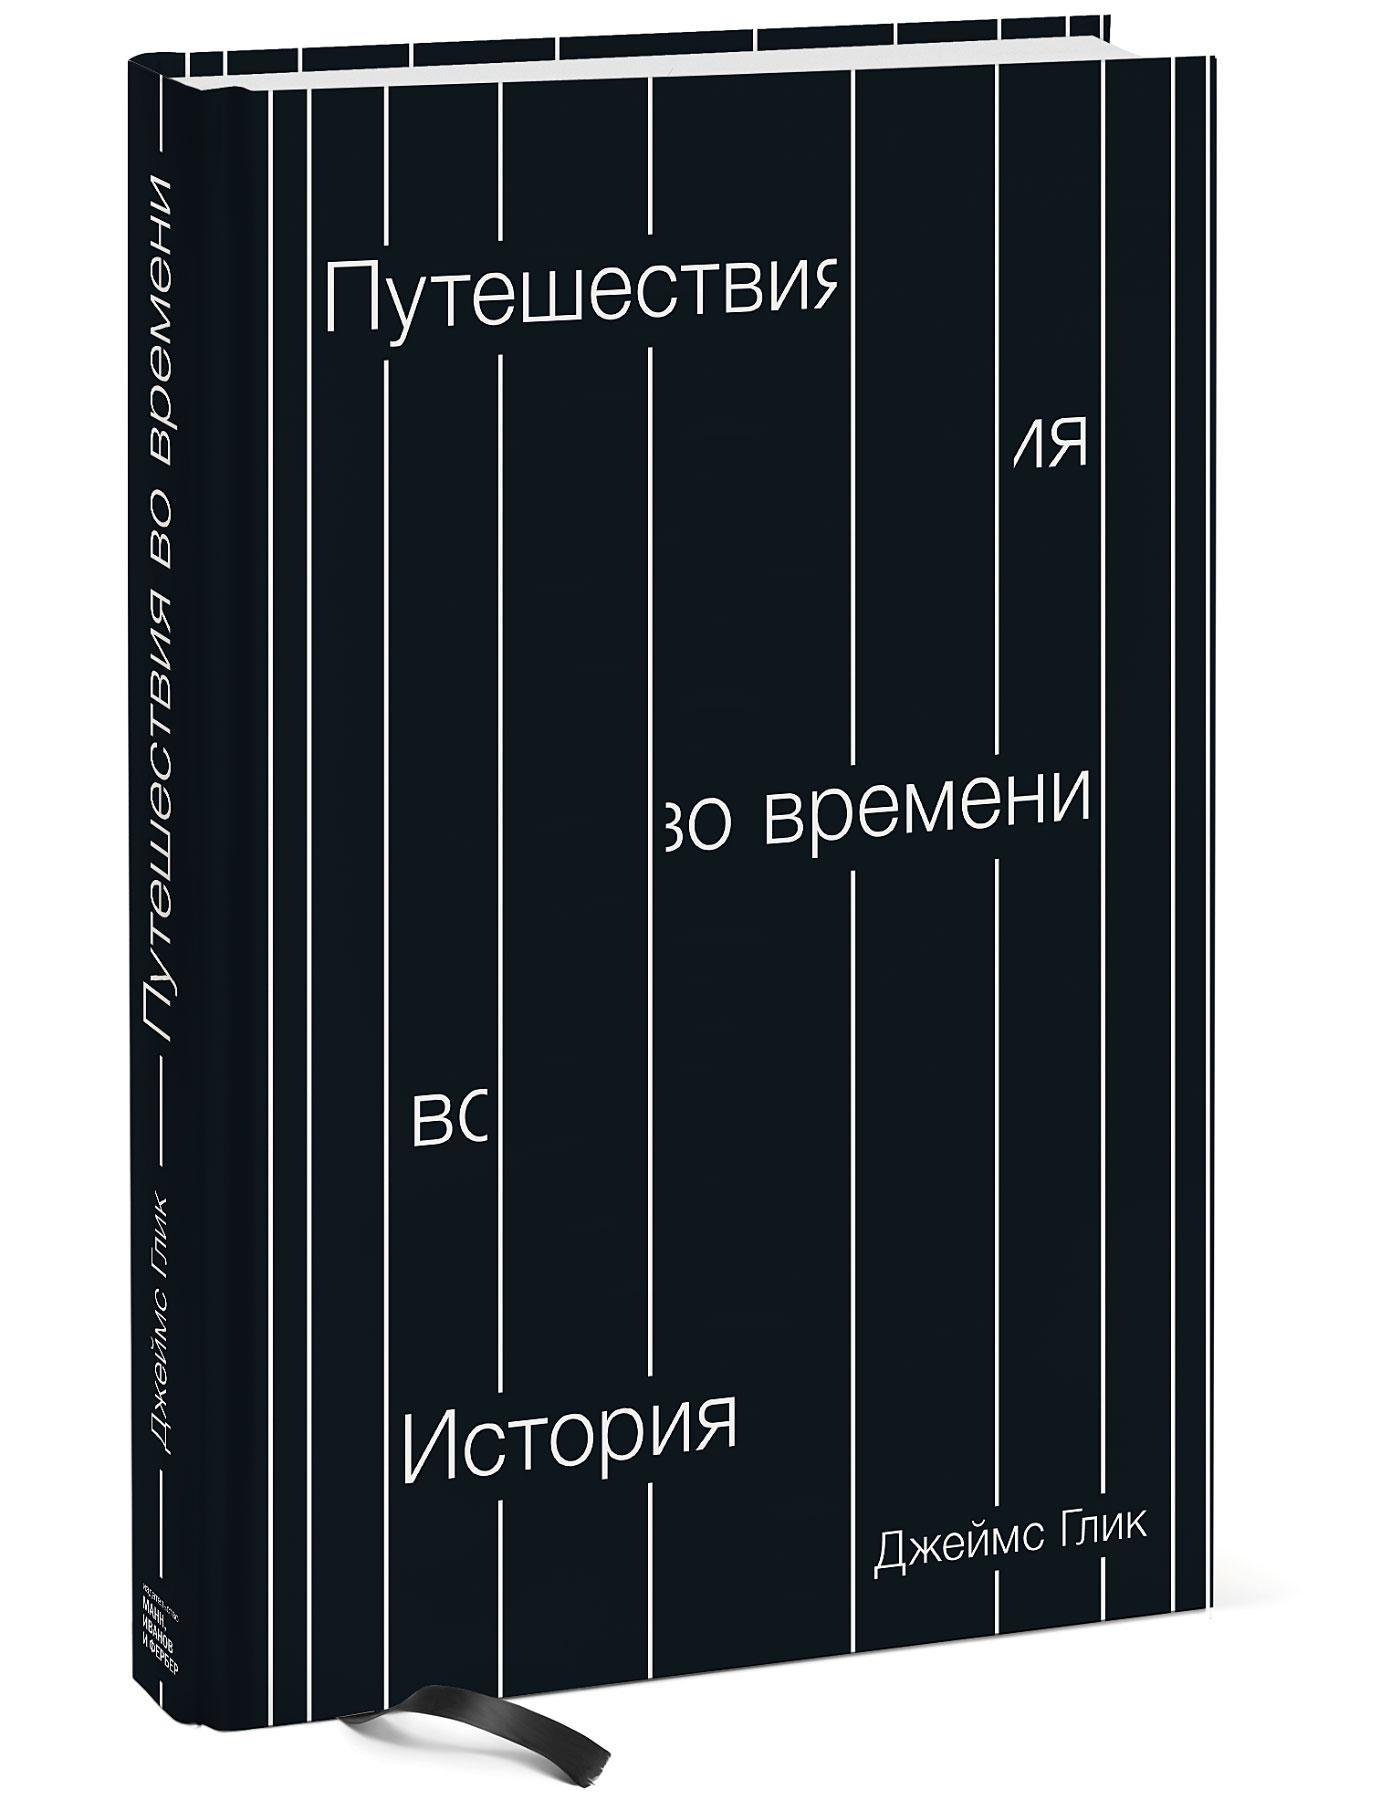 Джеймс Глик Путешествия во времени. История